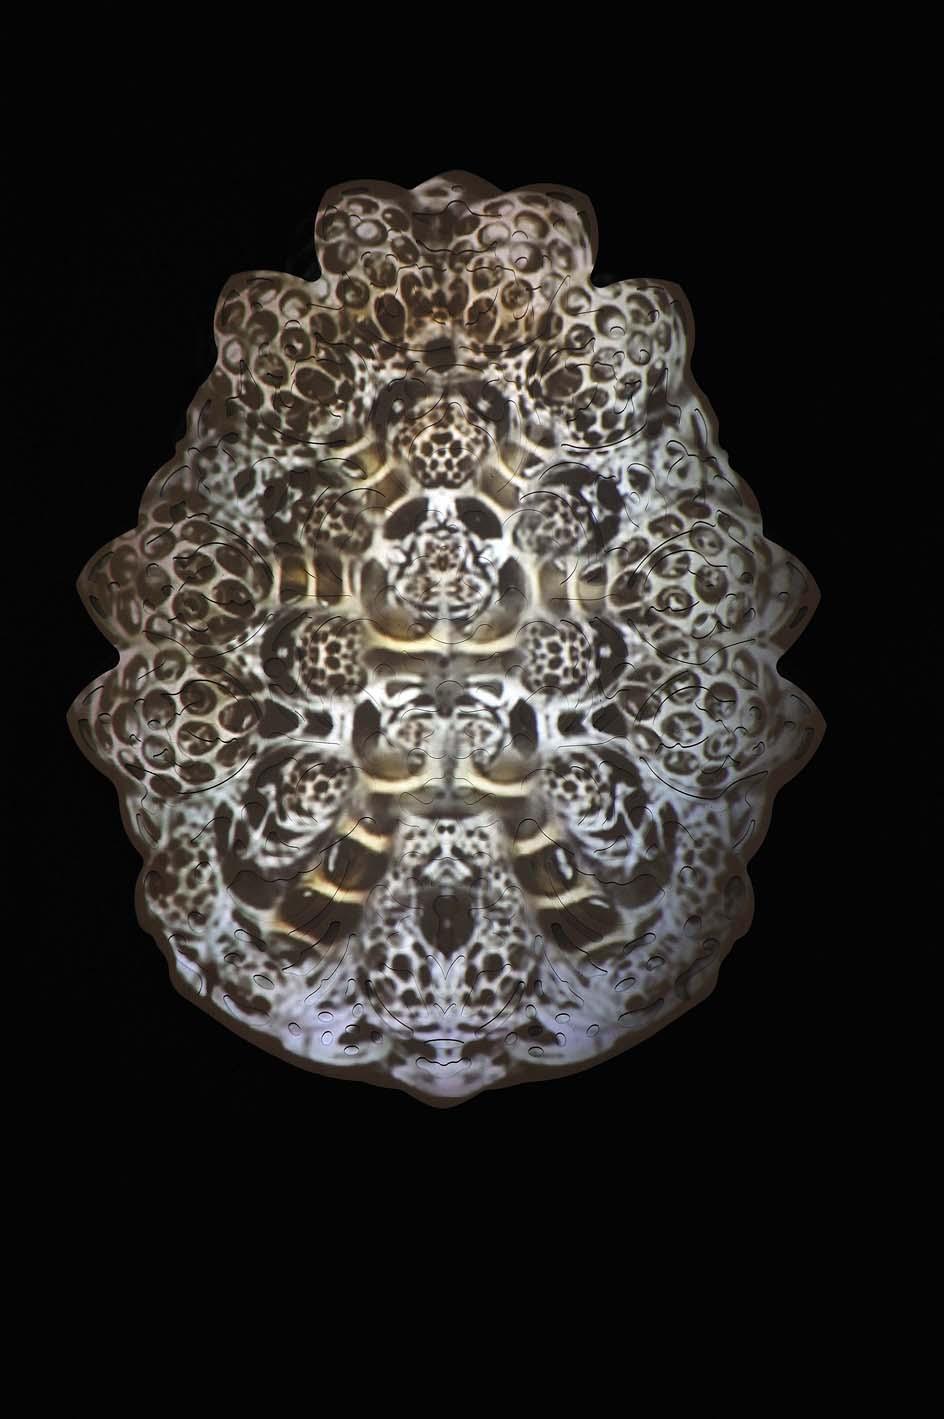 rohini-devasher-copyright-fossus-2011(7)